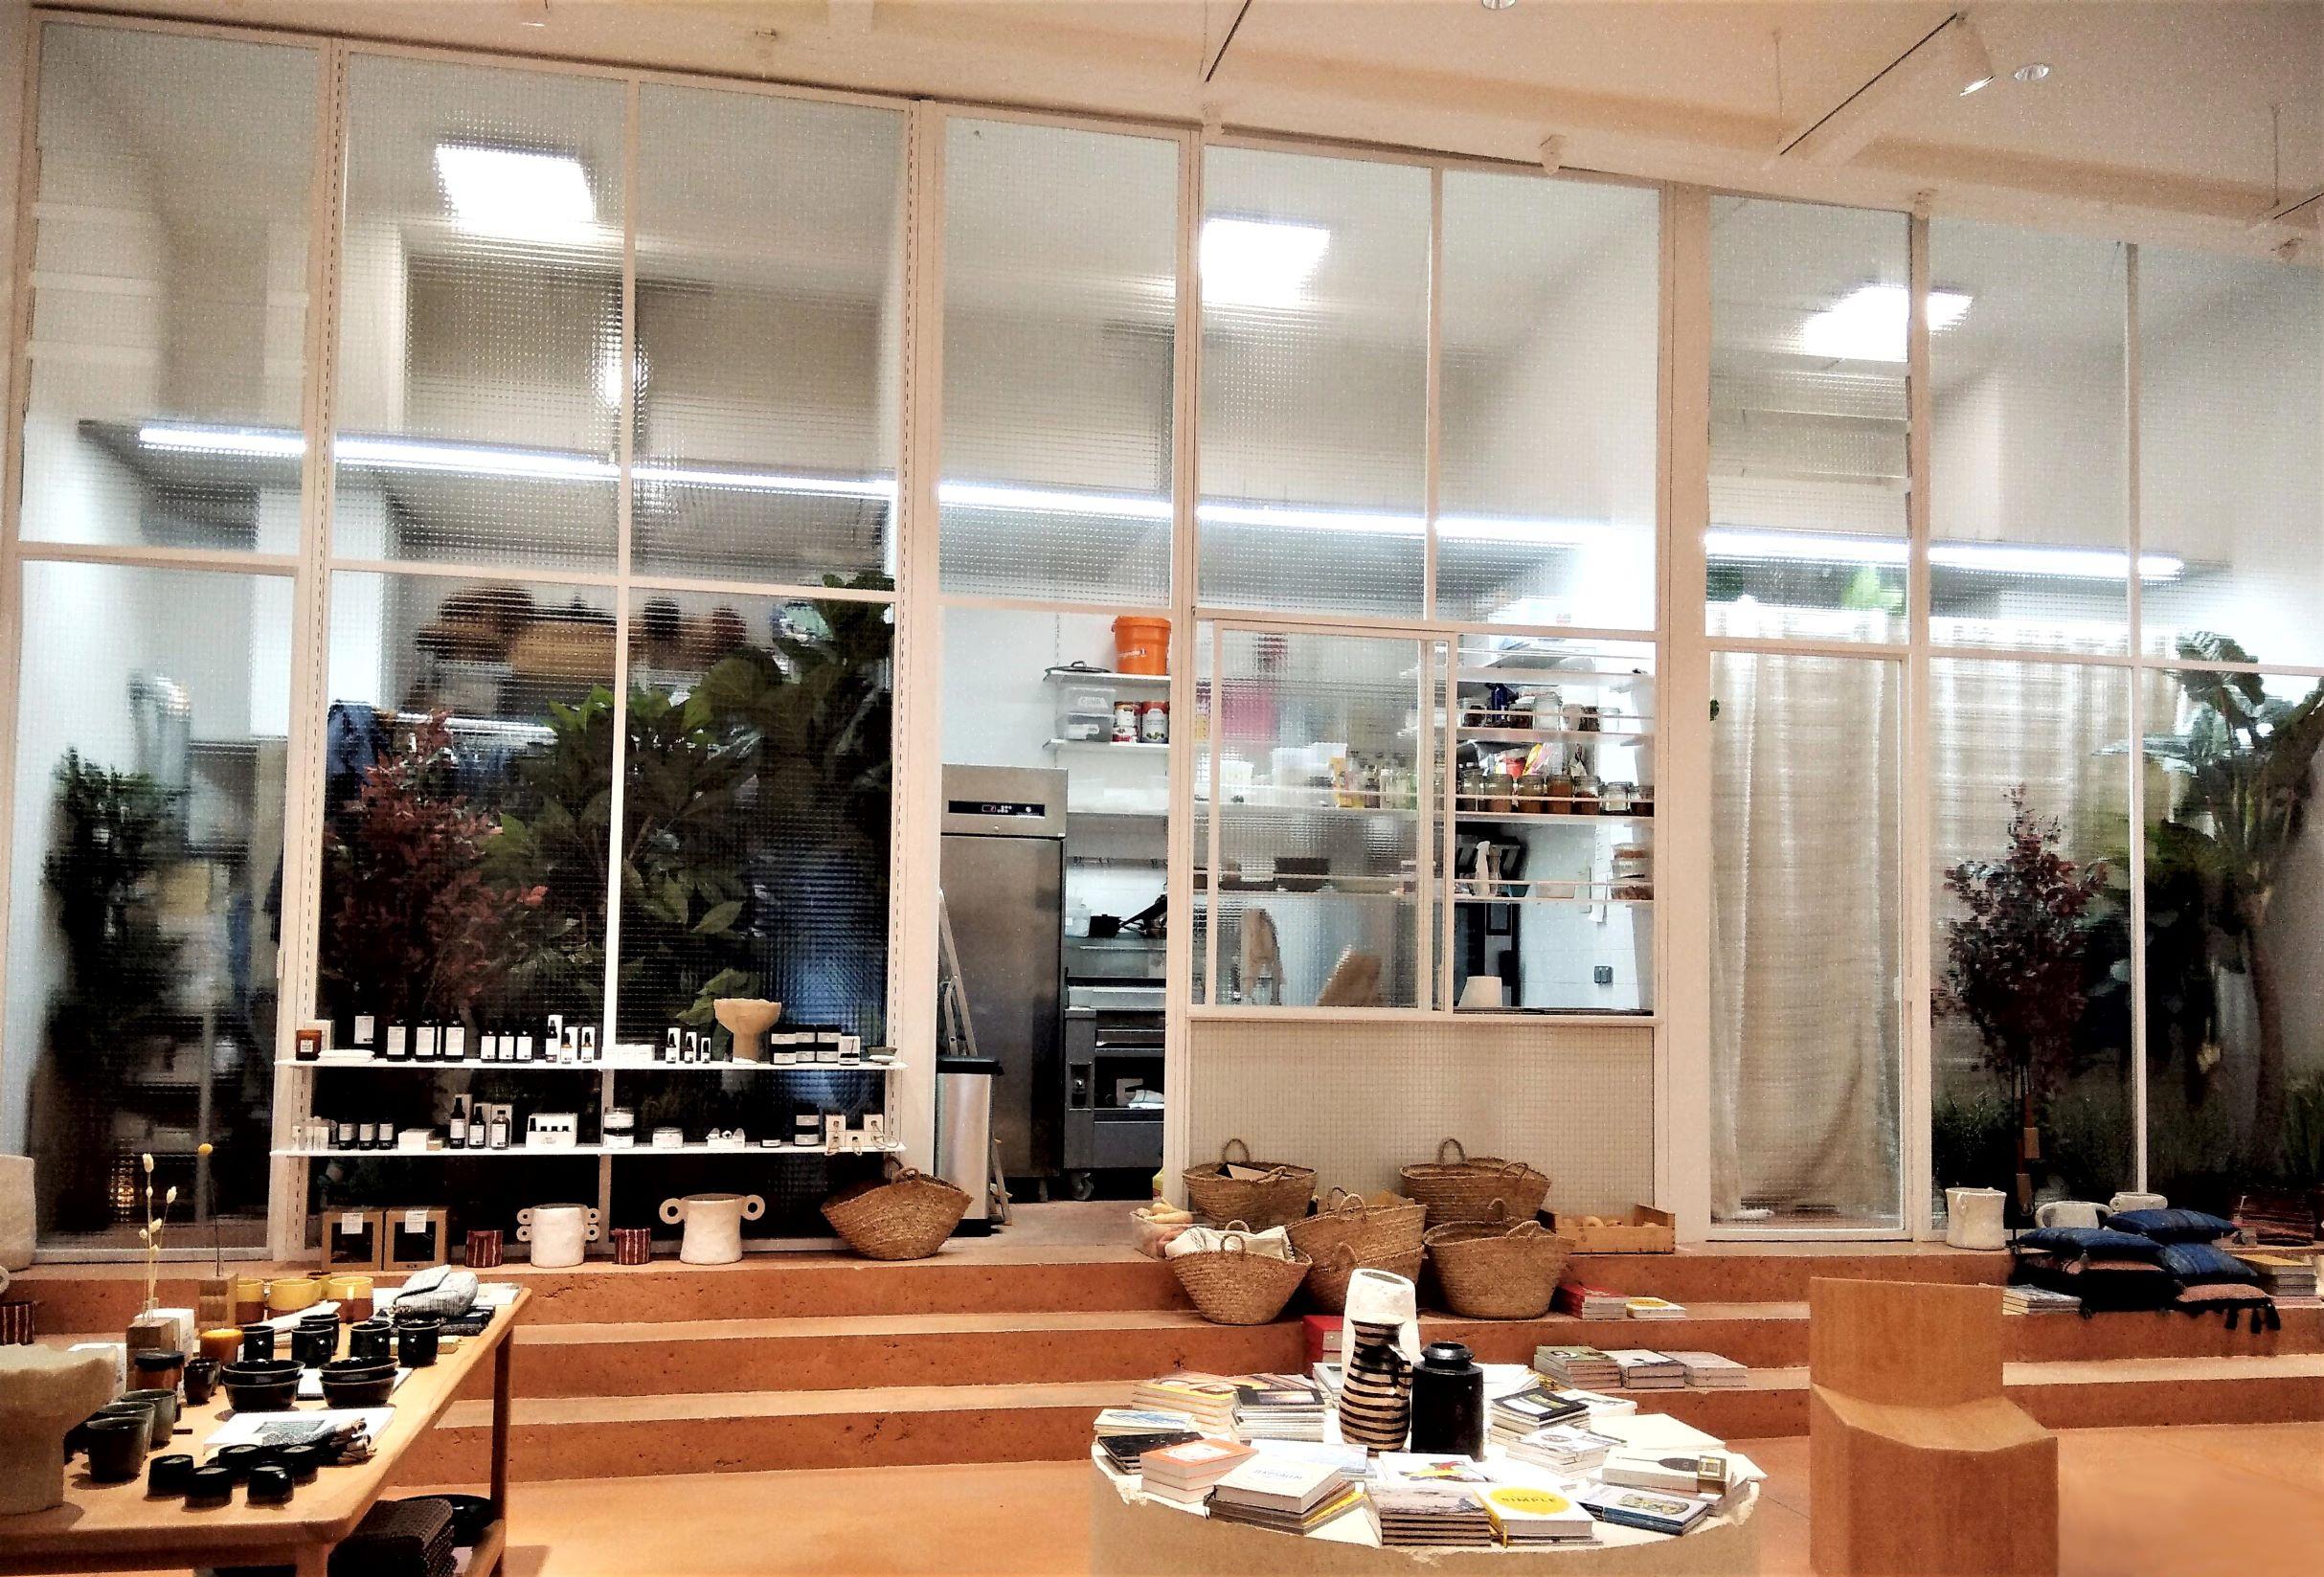 Inox N'Go ferronnier Marseille grande verrière acier peint boutique Sessun 1r